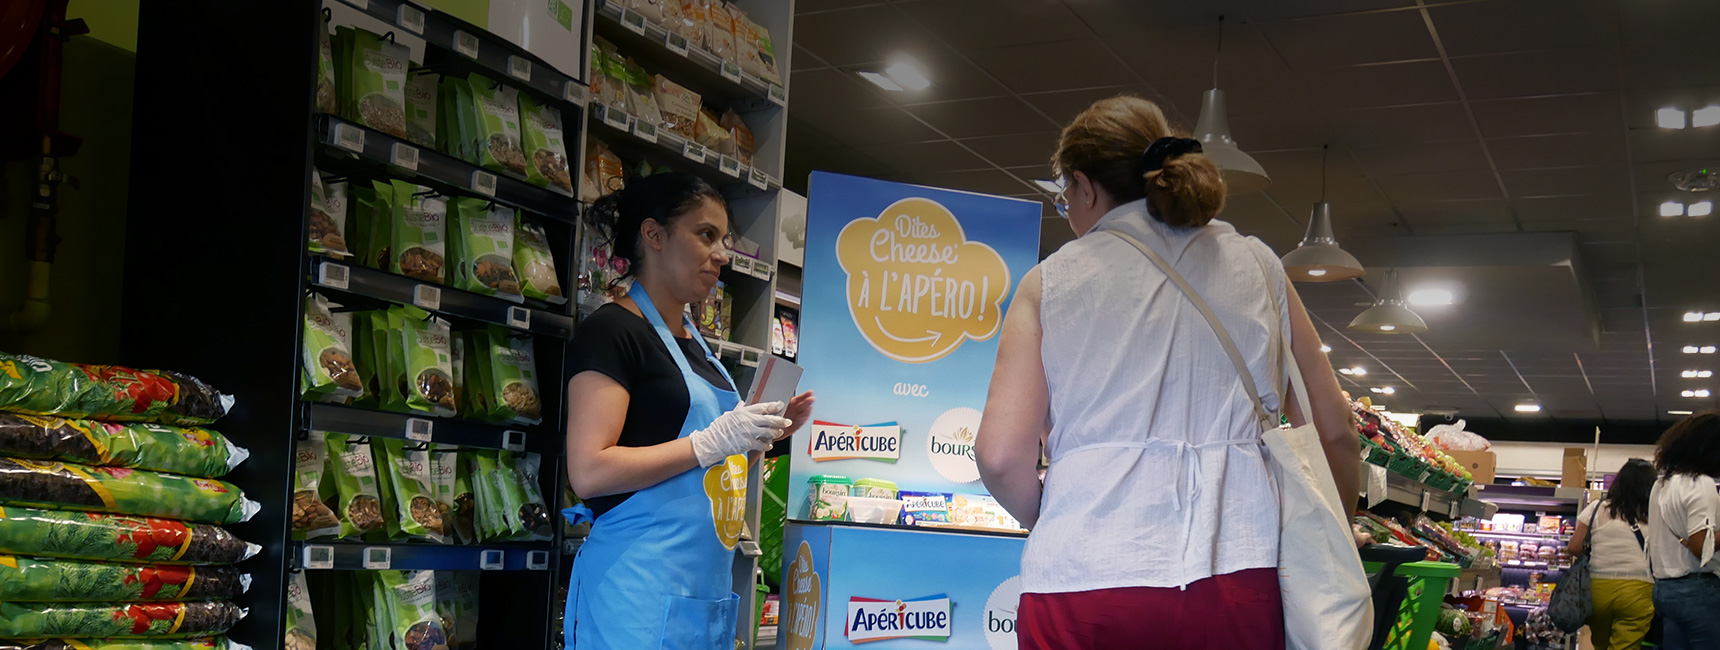 Dégustation instore pour découvrir la nouvelle game apéro Apéricube et Boursin - Keemia Shopper Marketing - Agence d'activation shopper marketing phygitale